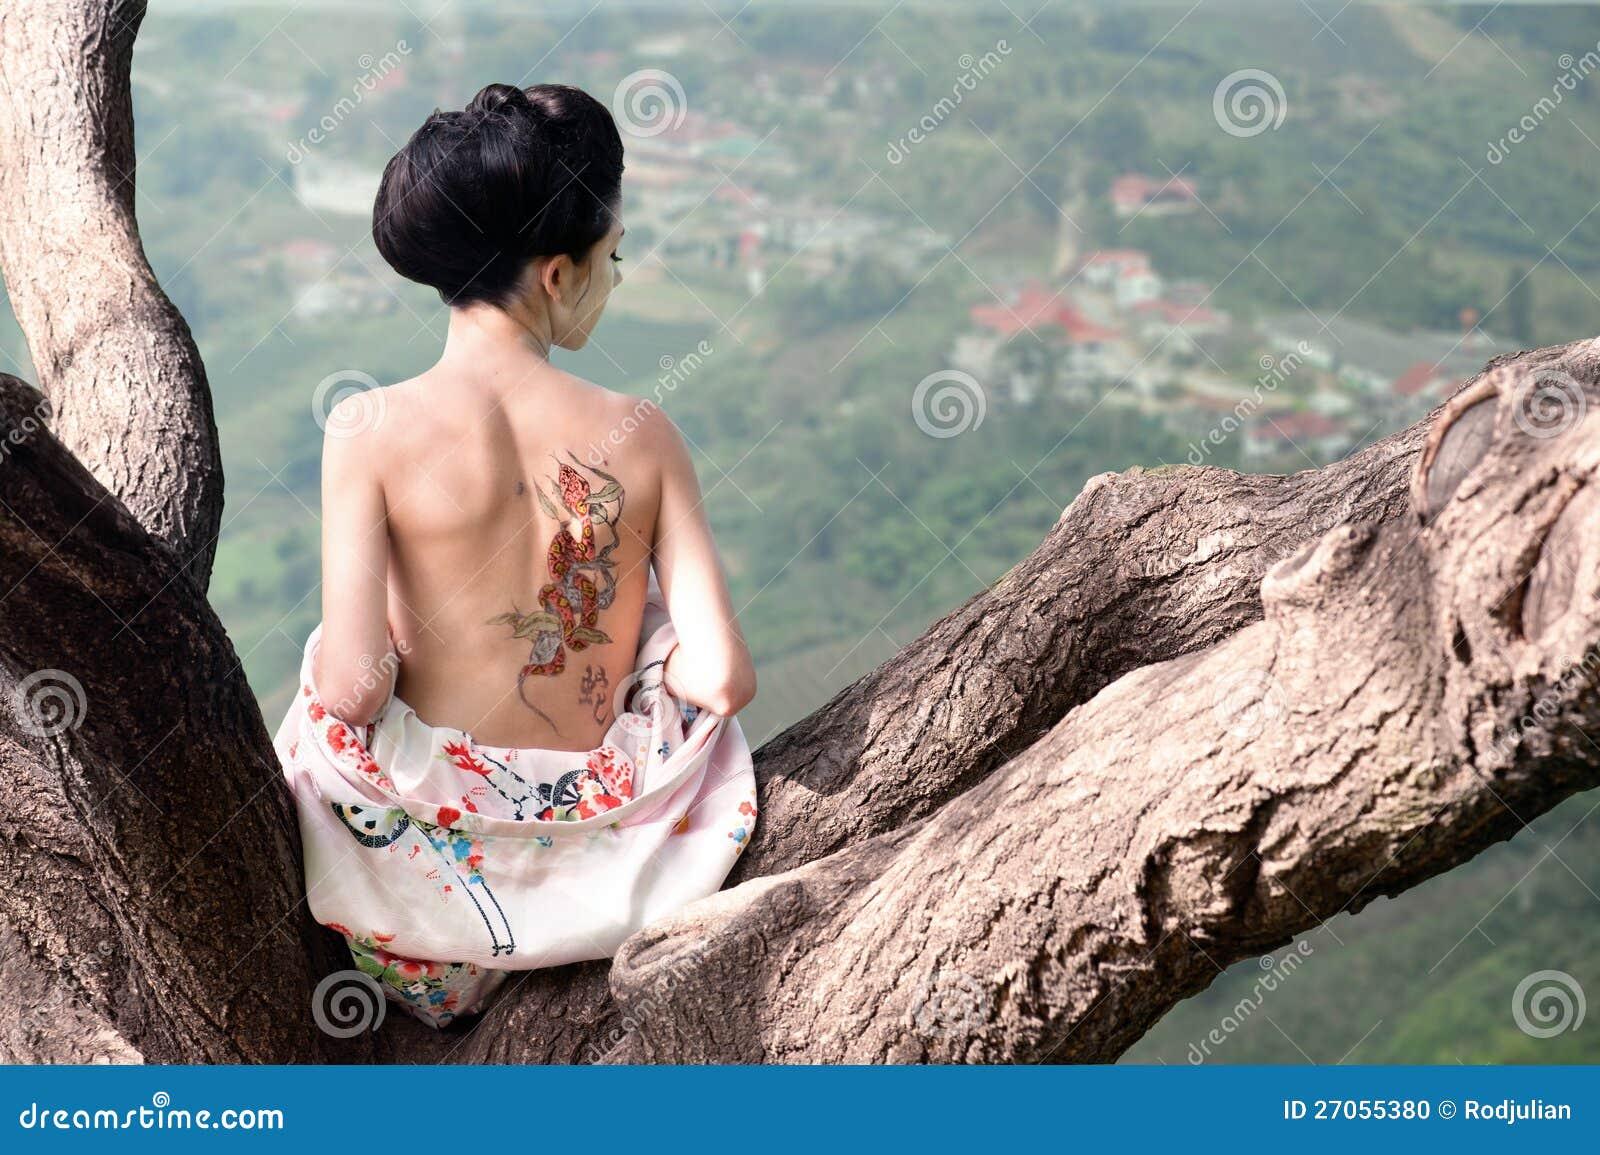 Femme Avec Le Tatouage De Serpent Sur Elle En Arriere Initial Photo